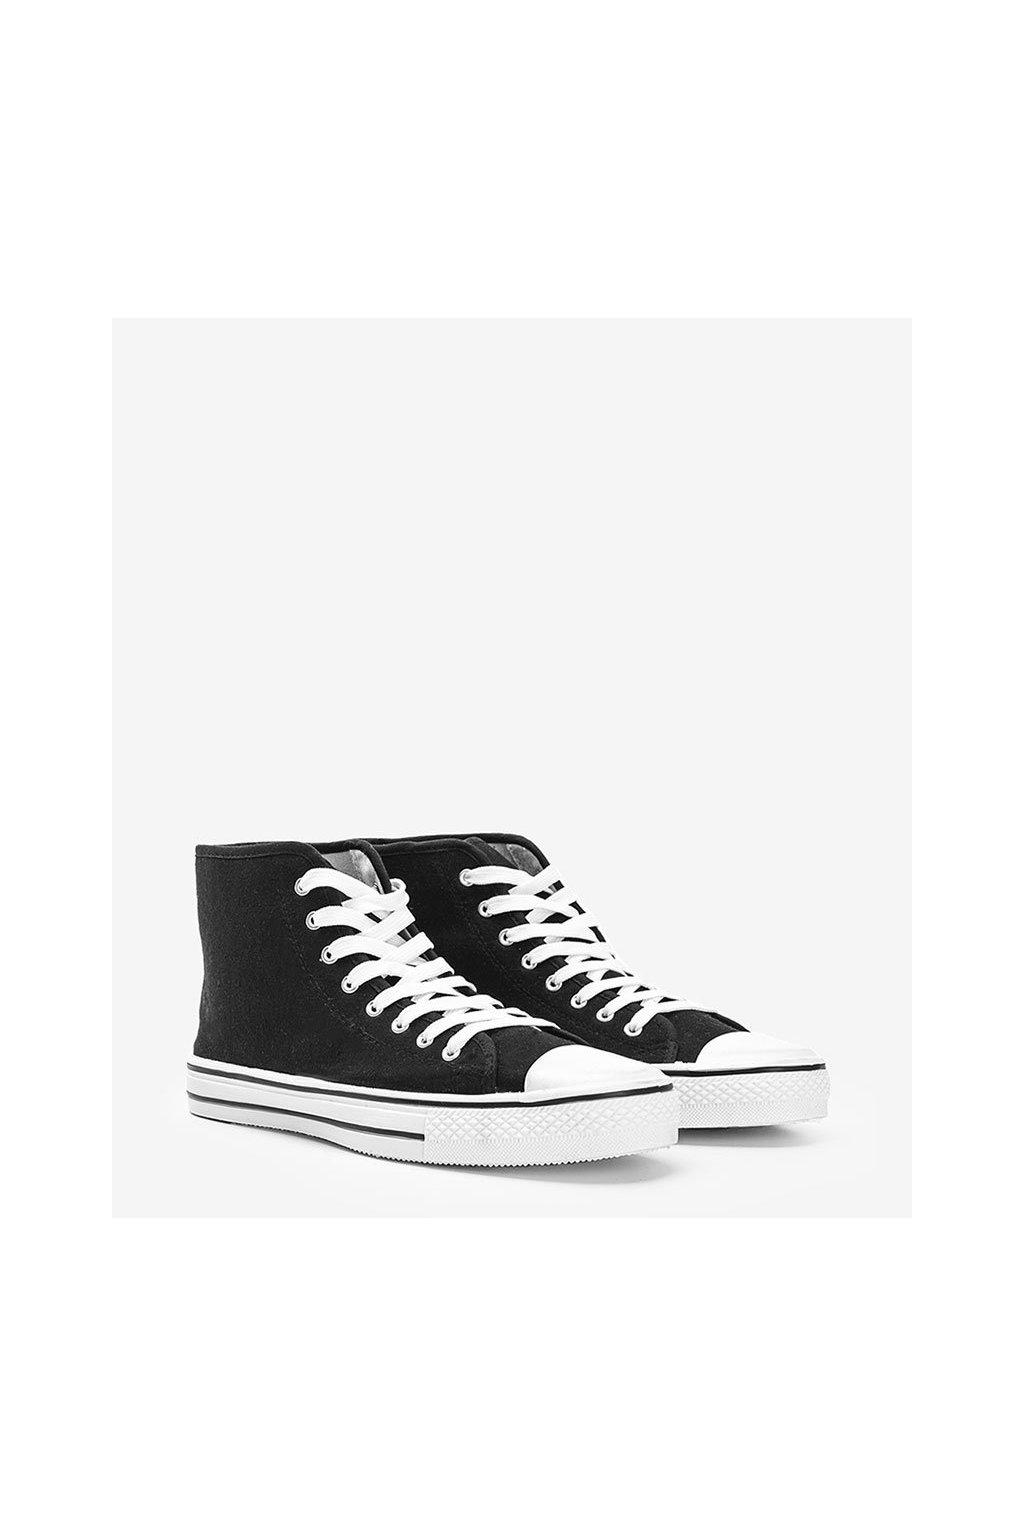 Pánske topánky tenisky čierne kód B082-M - GM